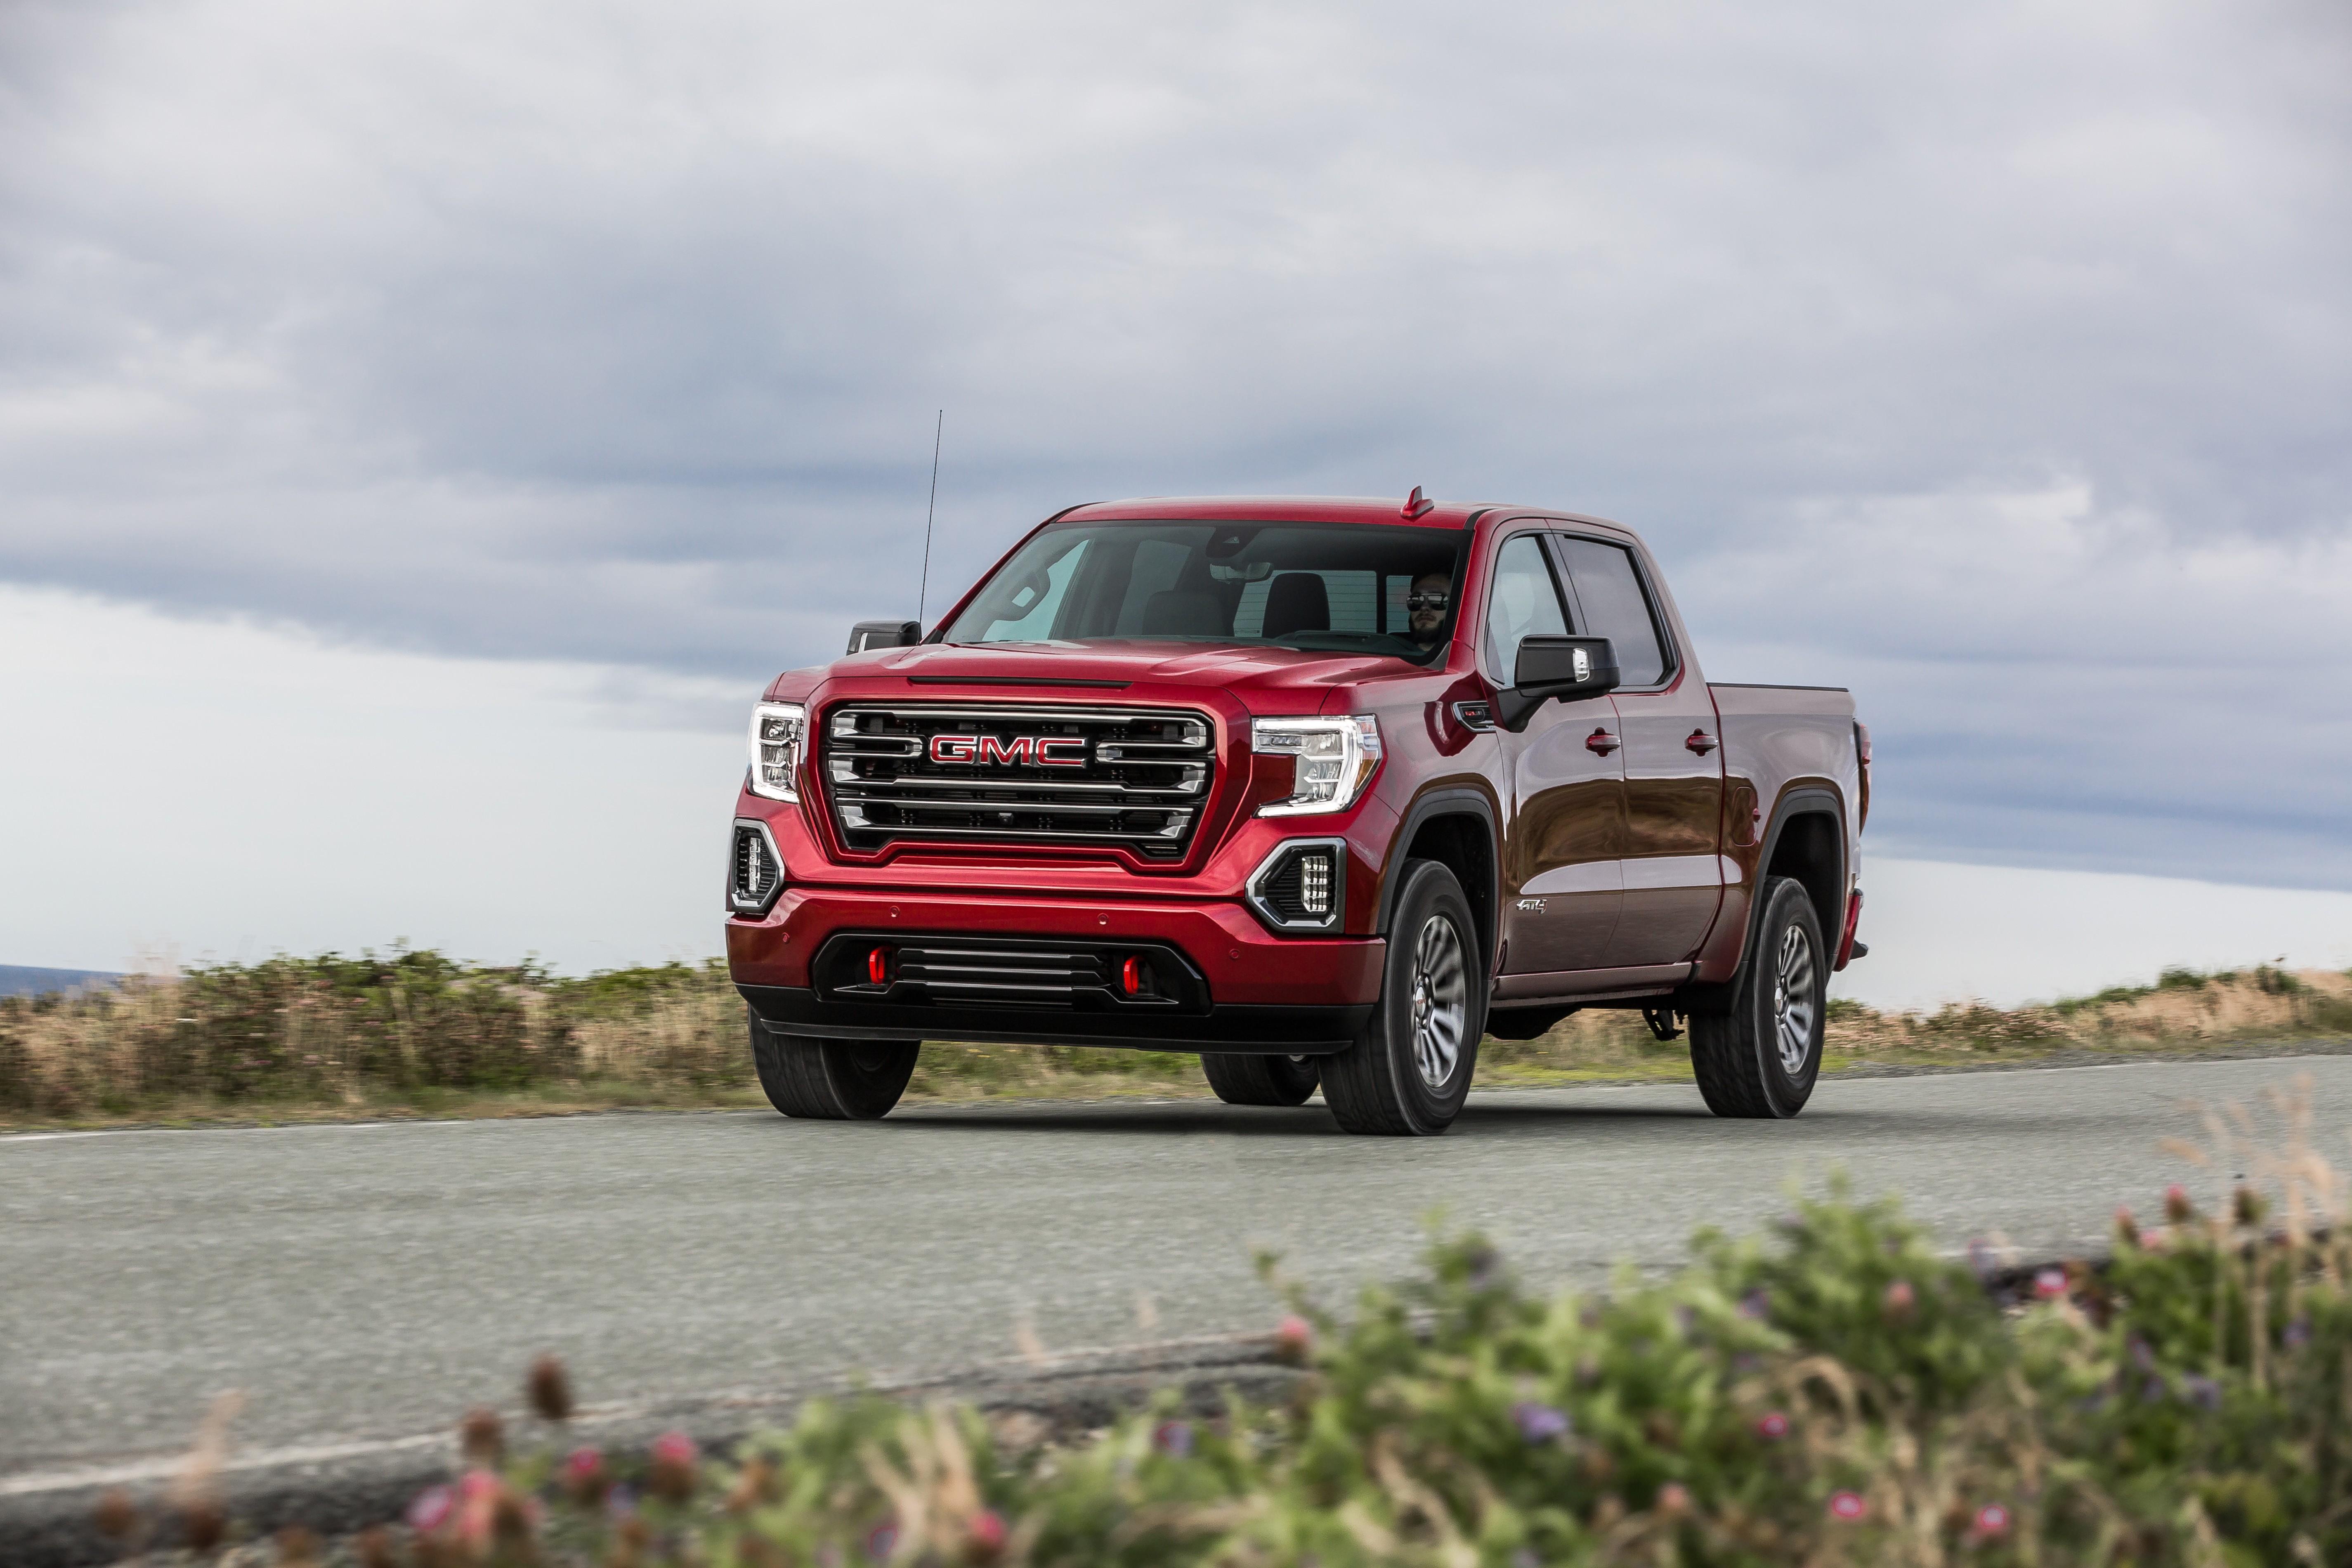 84 Gmc Truck Turn Signal Lights On when Light On 2020 Sierra at4 Pickup Truck Gmc Of 84 Gmc Truck Turn Signal Lights On when Light On